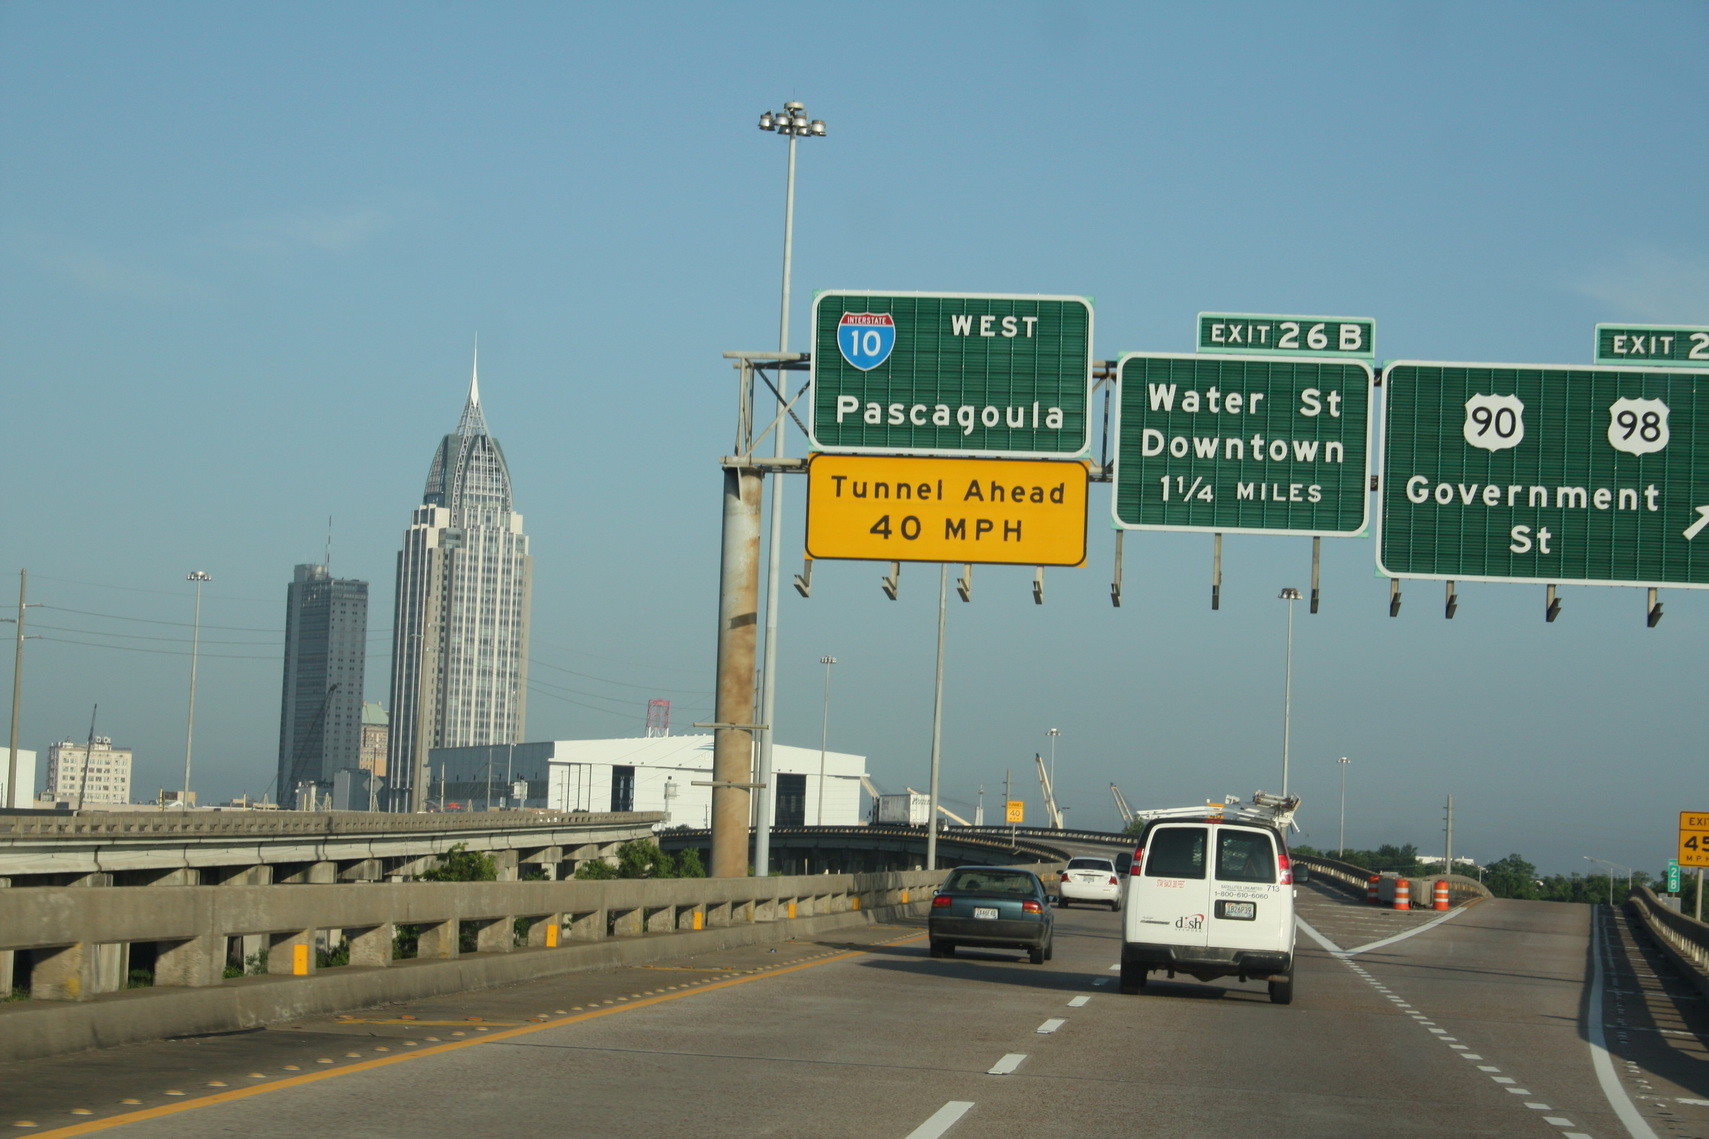 Im Hintergrund der Ort Pascagoula in Alabama